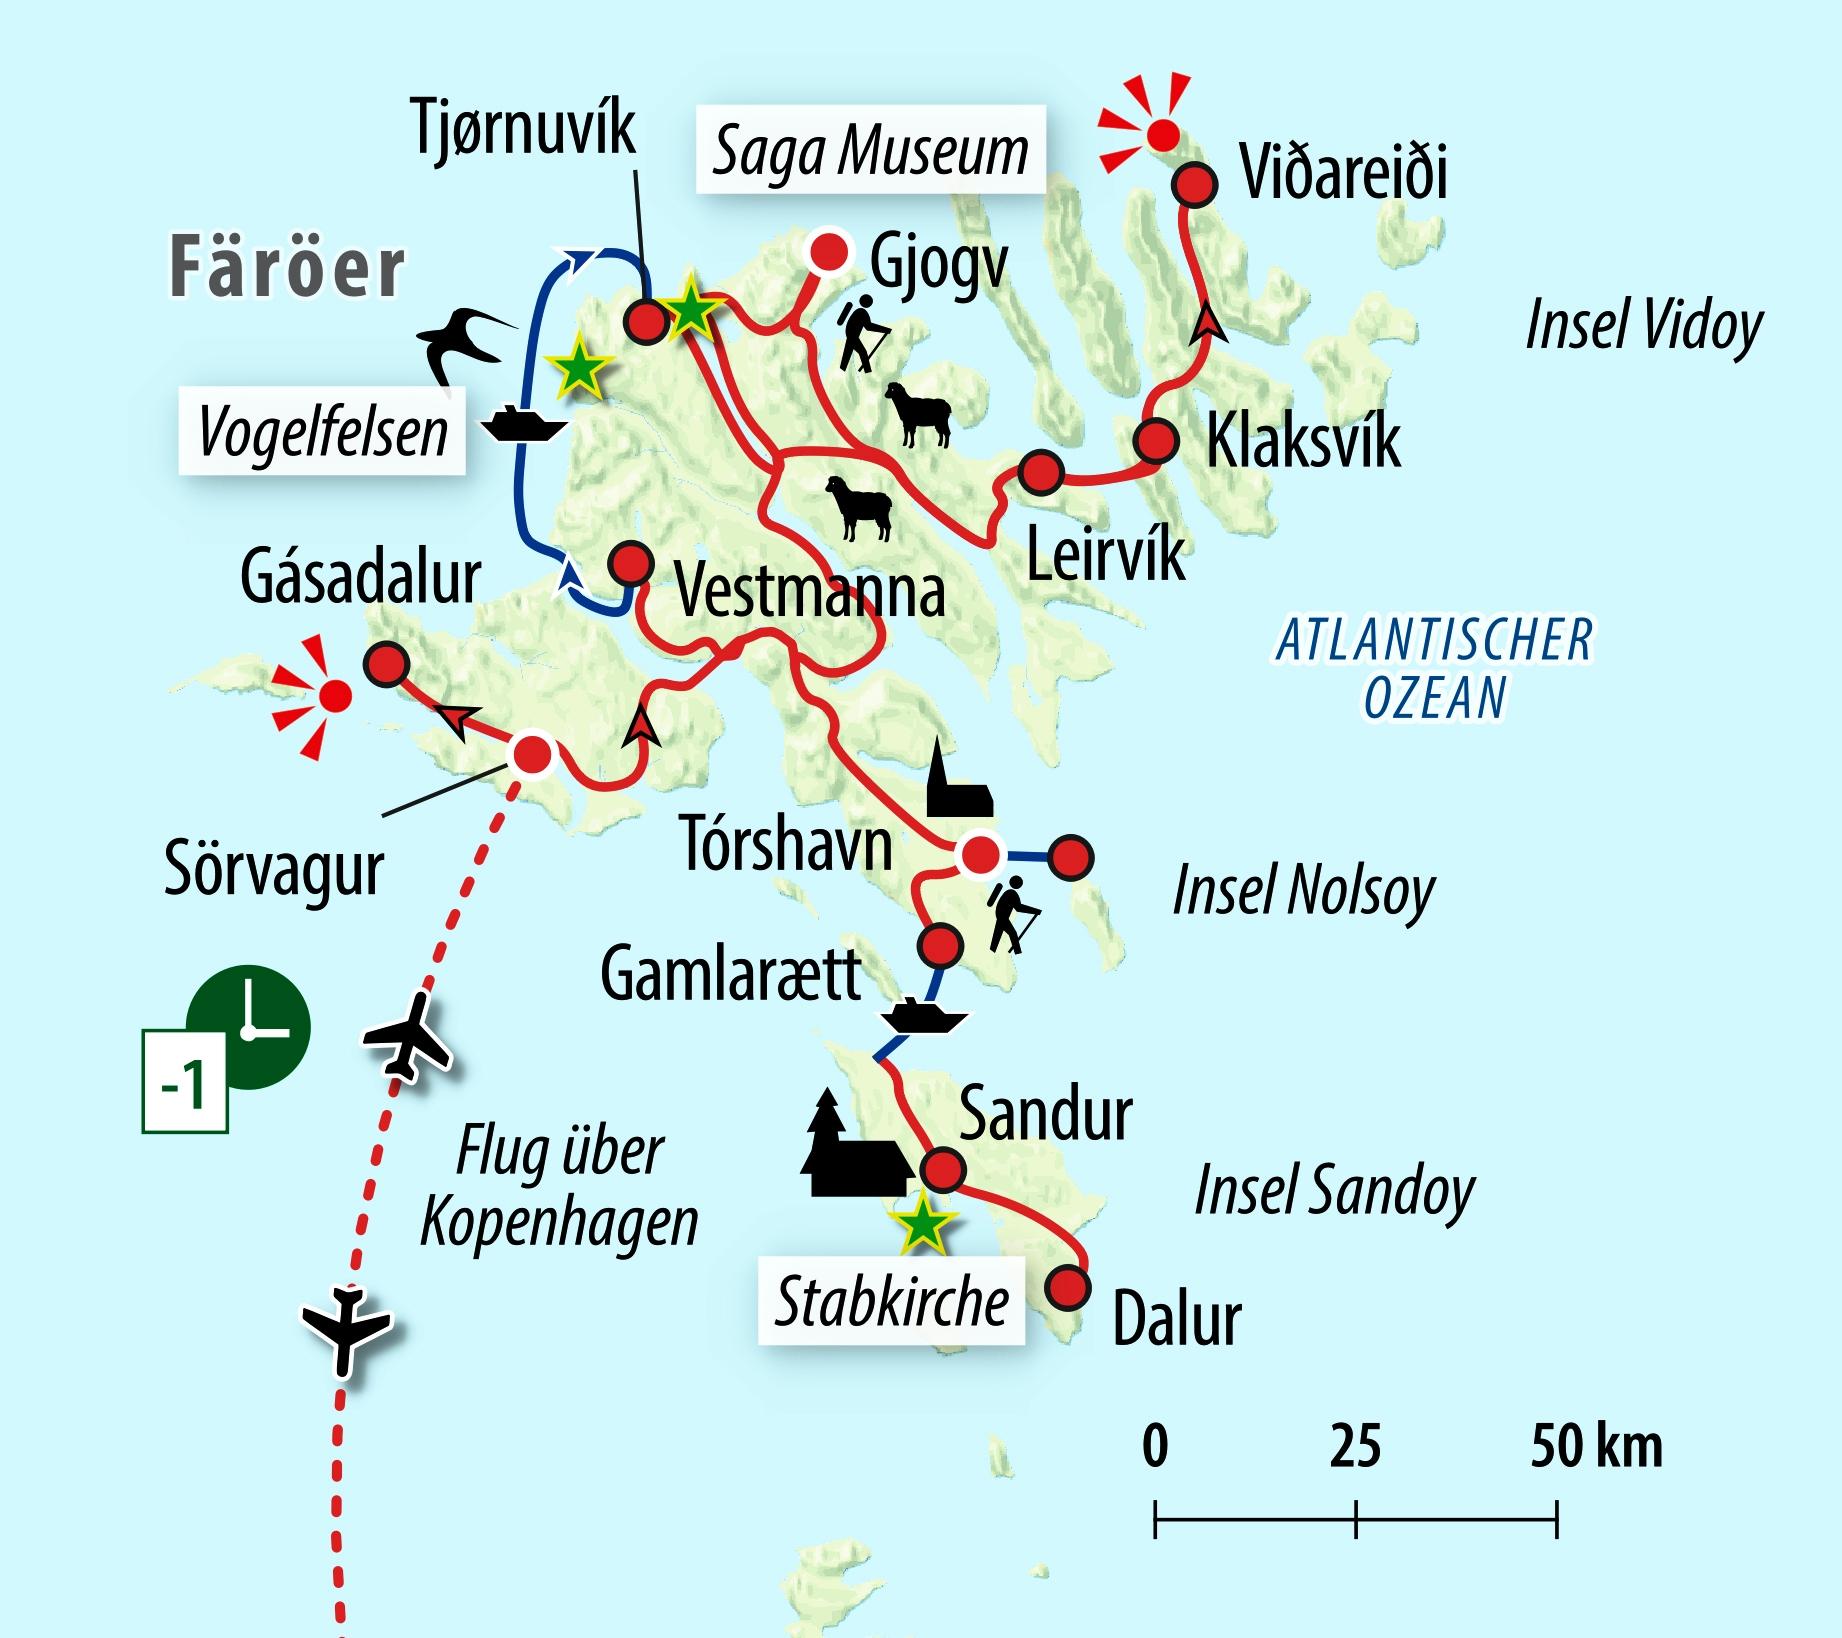 Färöer Inseln Karte.Färöer Dänemarks Unbekannte Schafsinseln